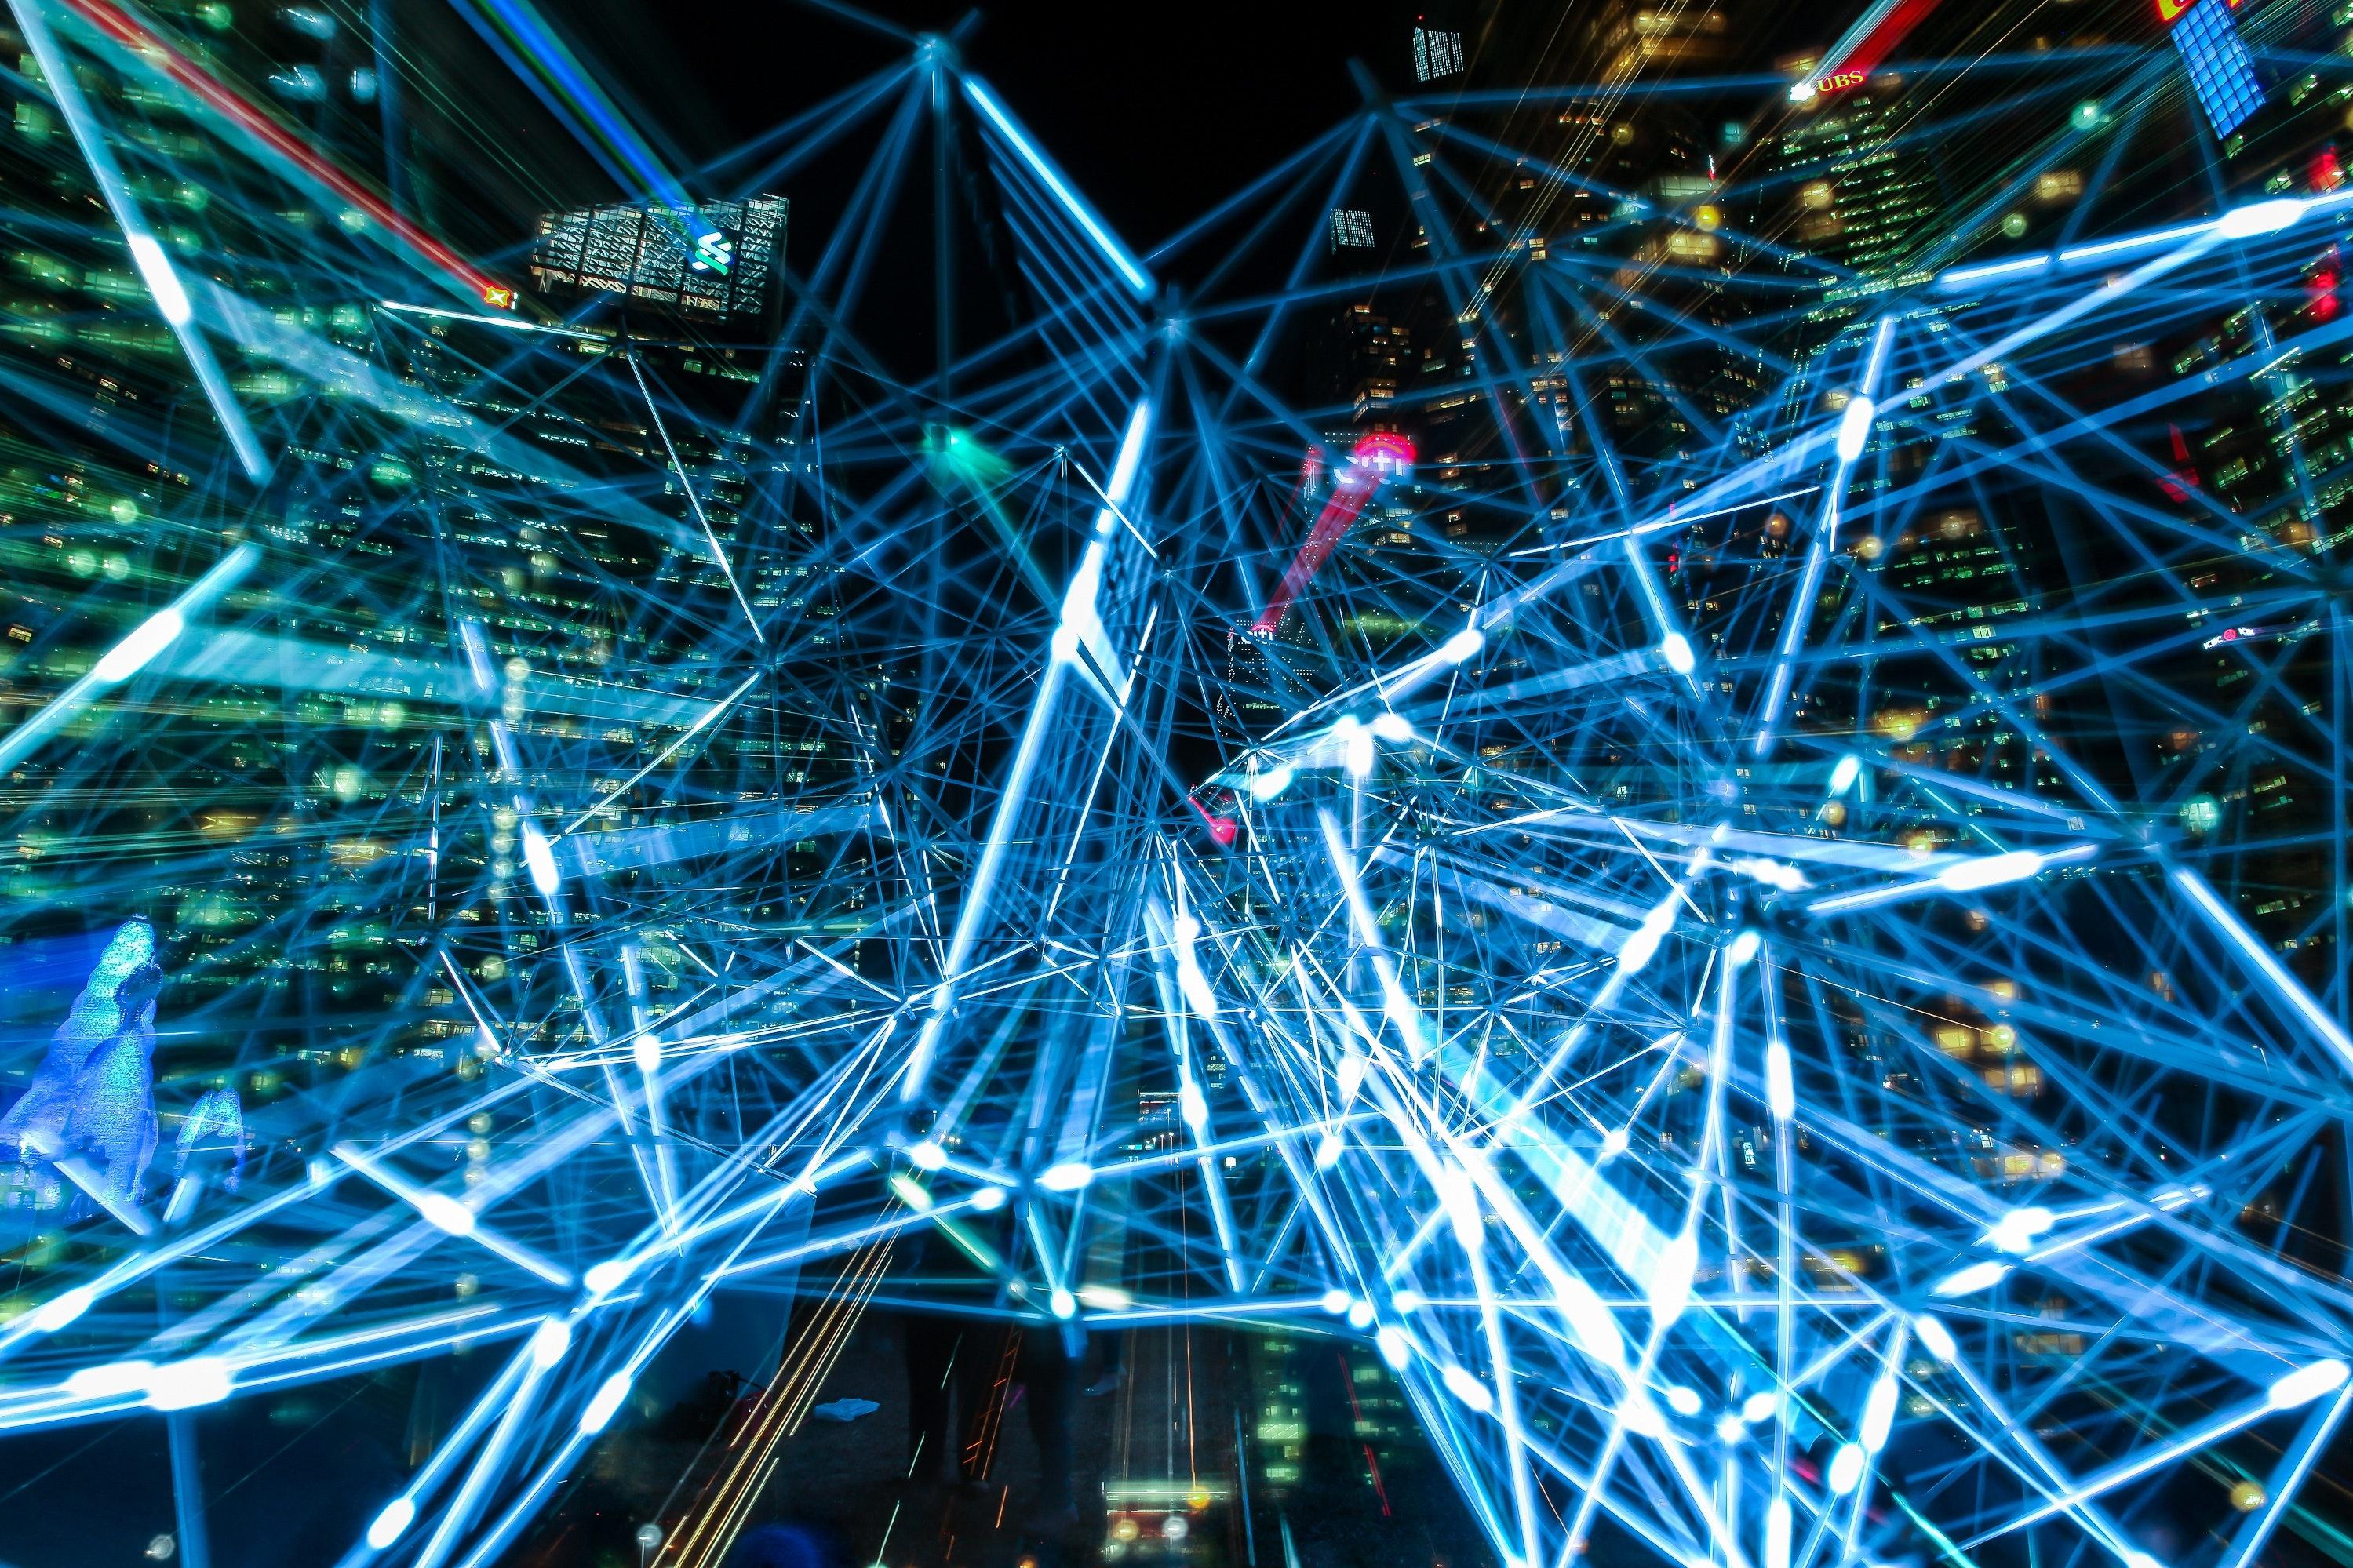 Kooperation statt Konkurrenz - Künstliche Intelligenz in Unternehmen